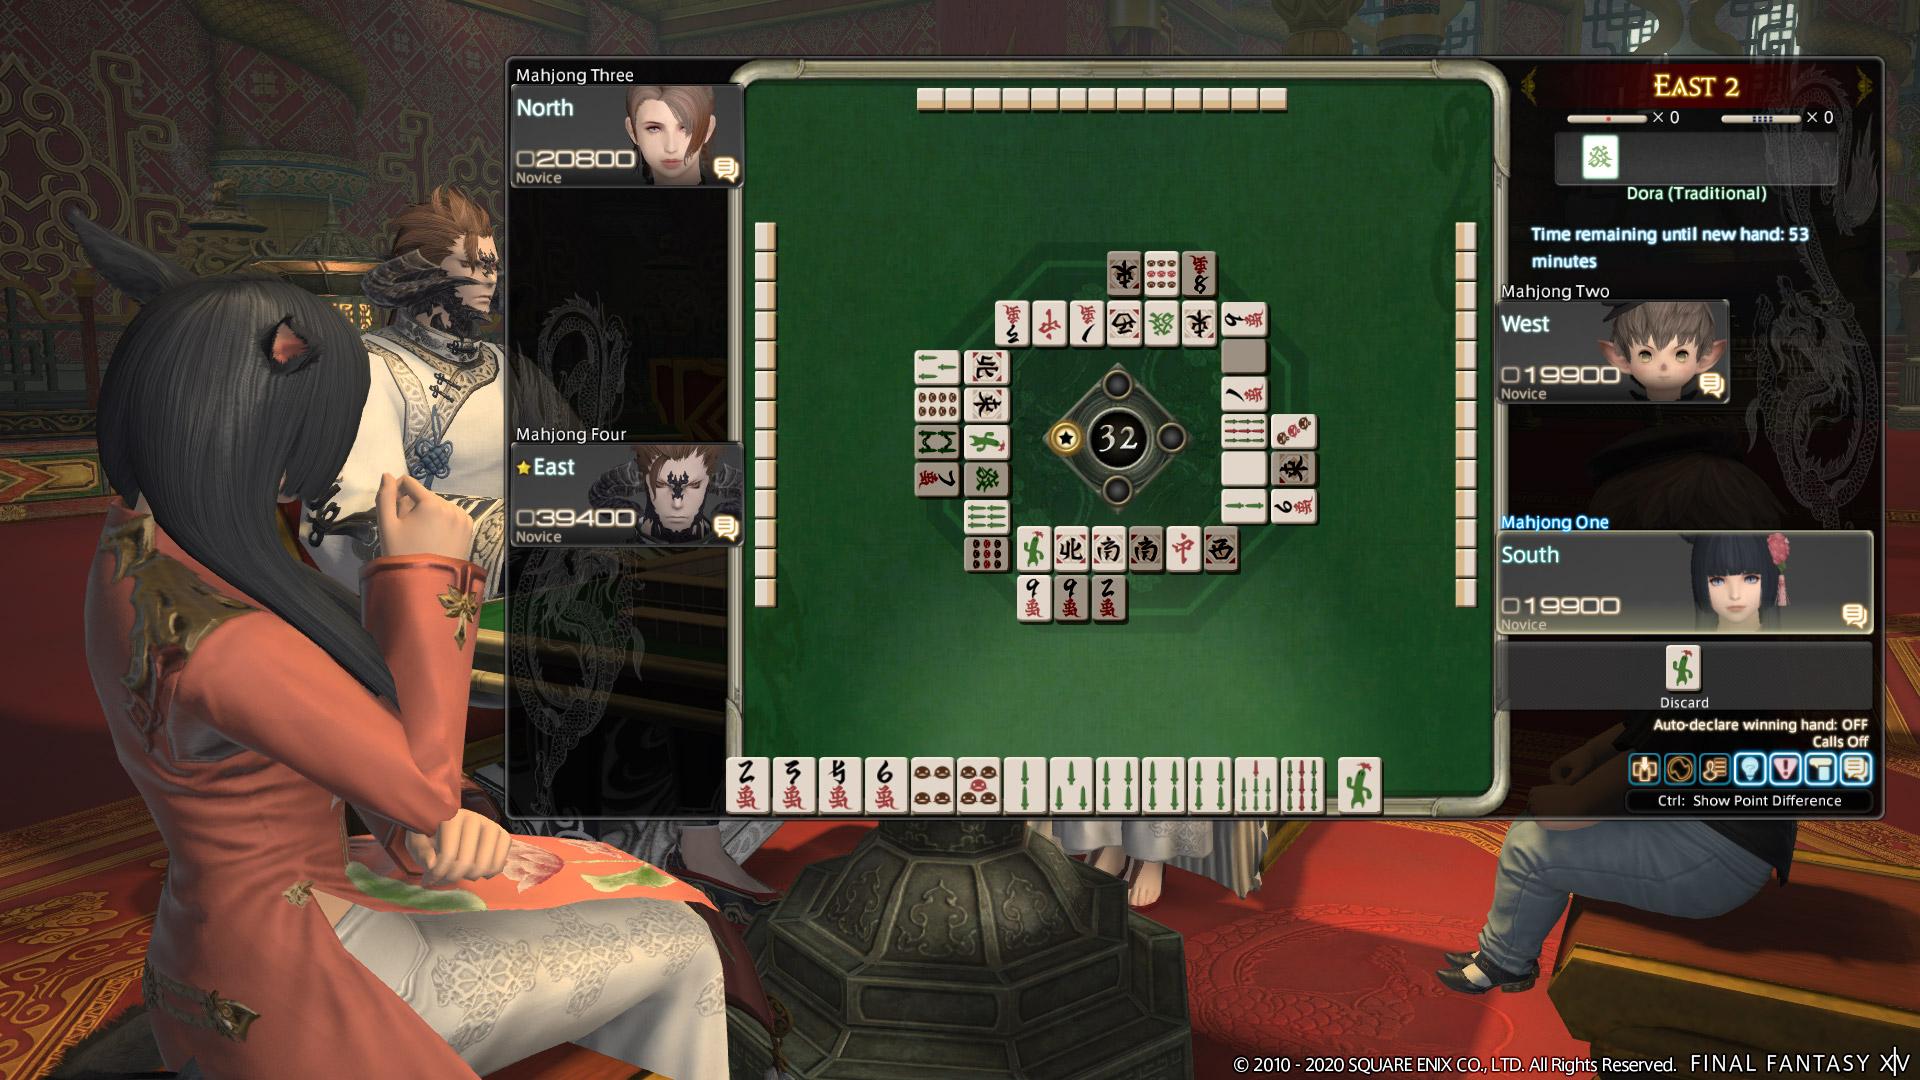 Новые скриншоты обновления 5.4 для Final Fantasy XIV с новыми функциями, снаряжением, маунтом, миньонами и мн. другим